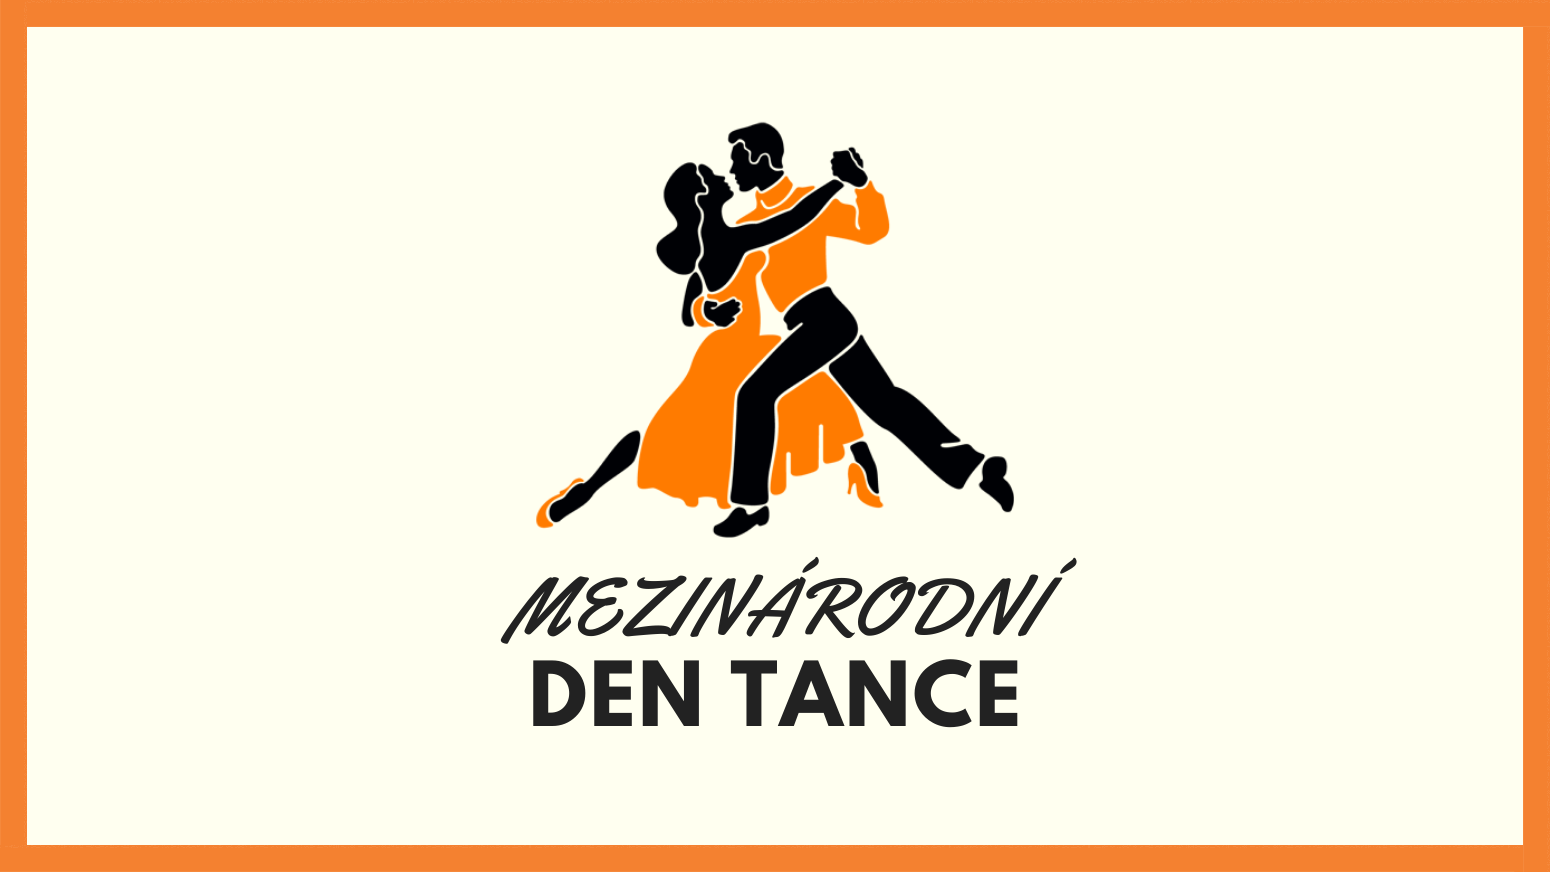 Mezinárodní den tance (International Dance Day)